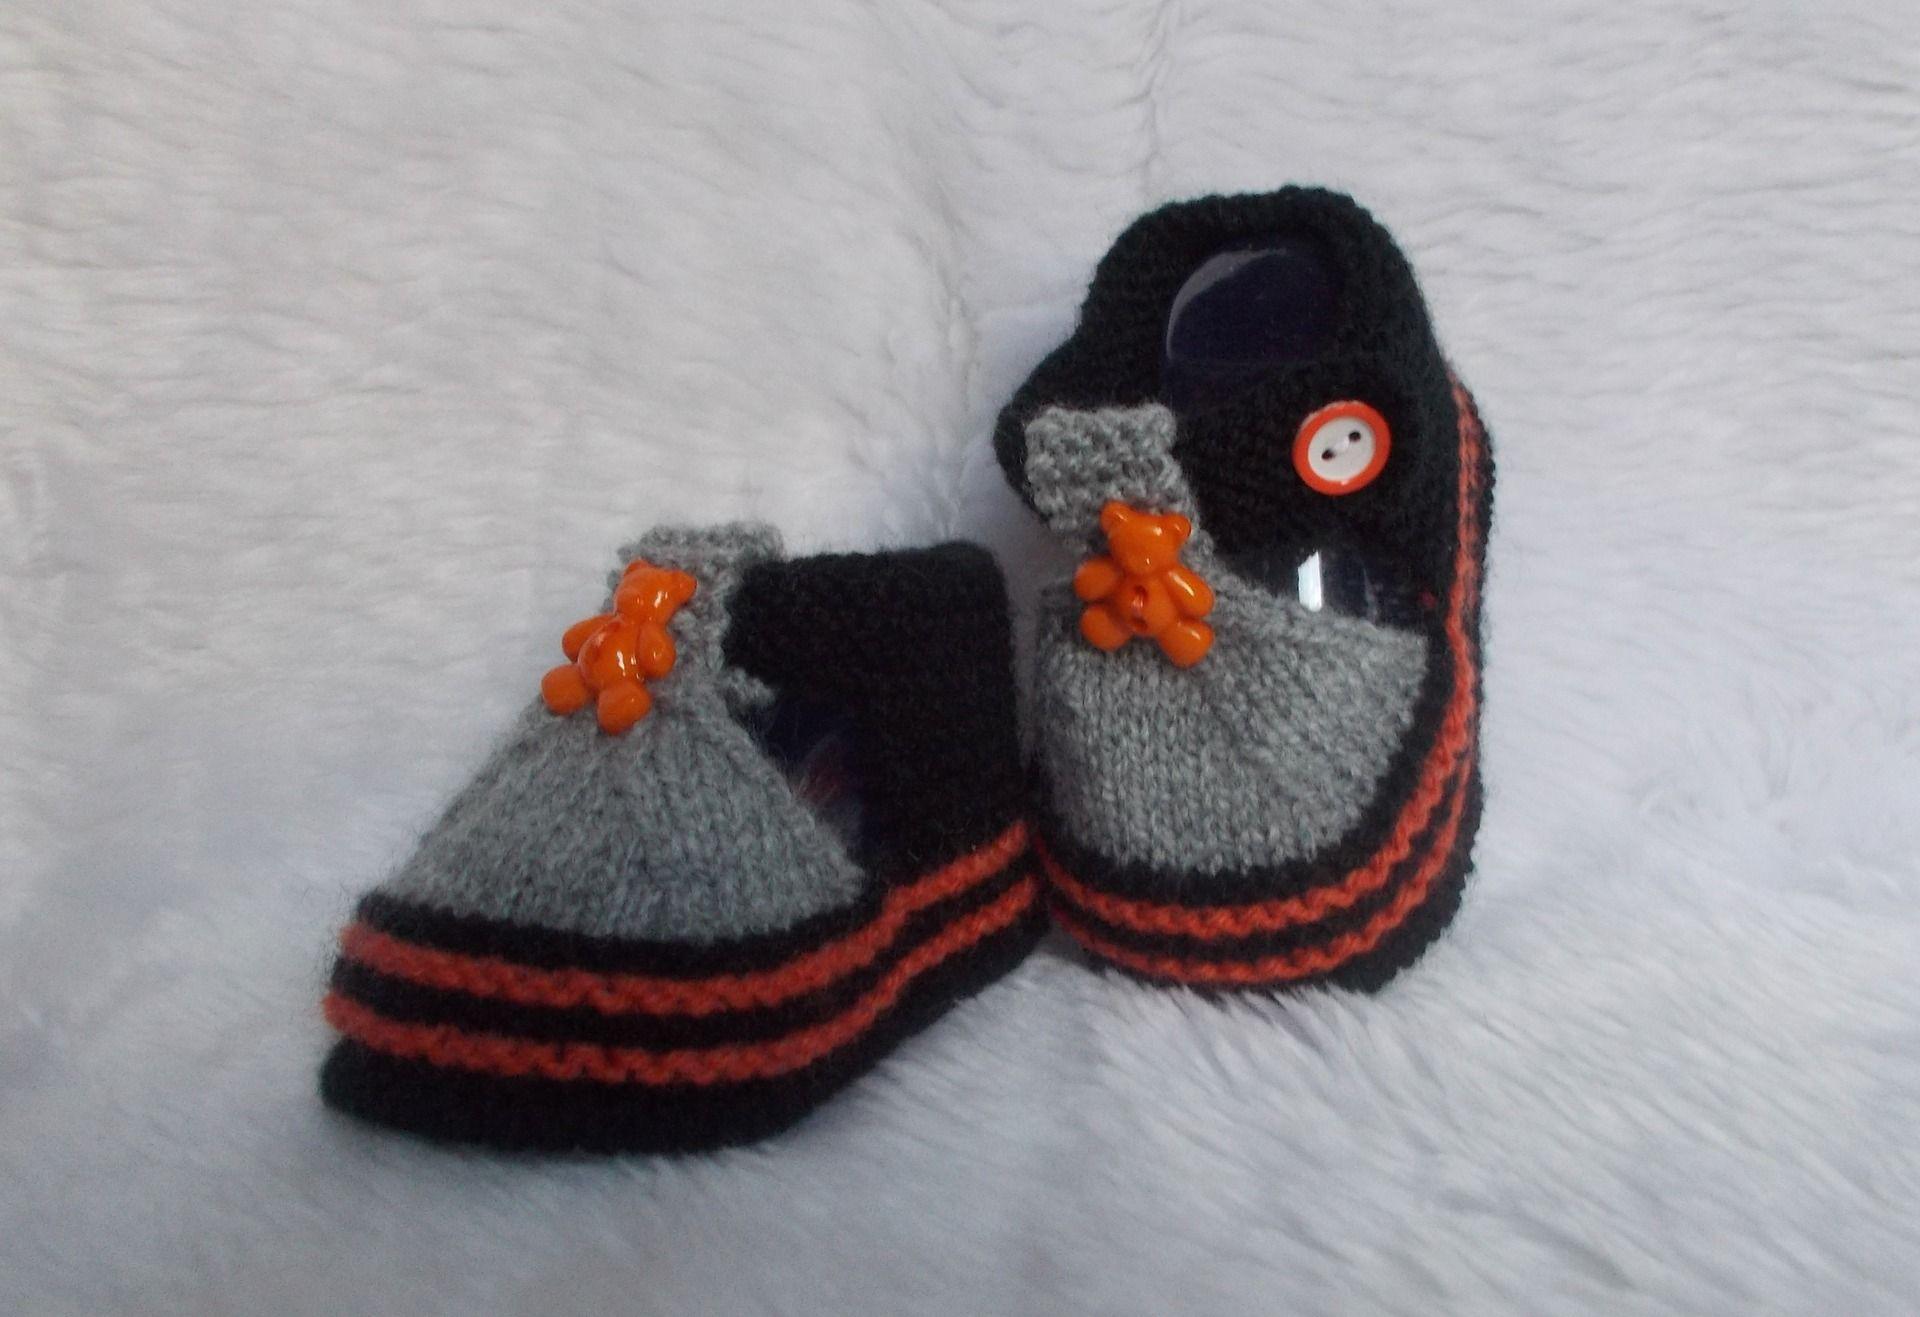 f150a145debb1 chaussons bébé nounours 0   3 mois noir orange tricotés main laine layette    Mode Bébé par tricotine-creation